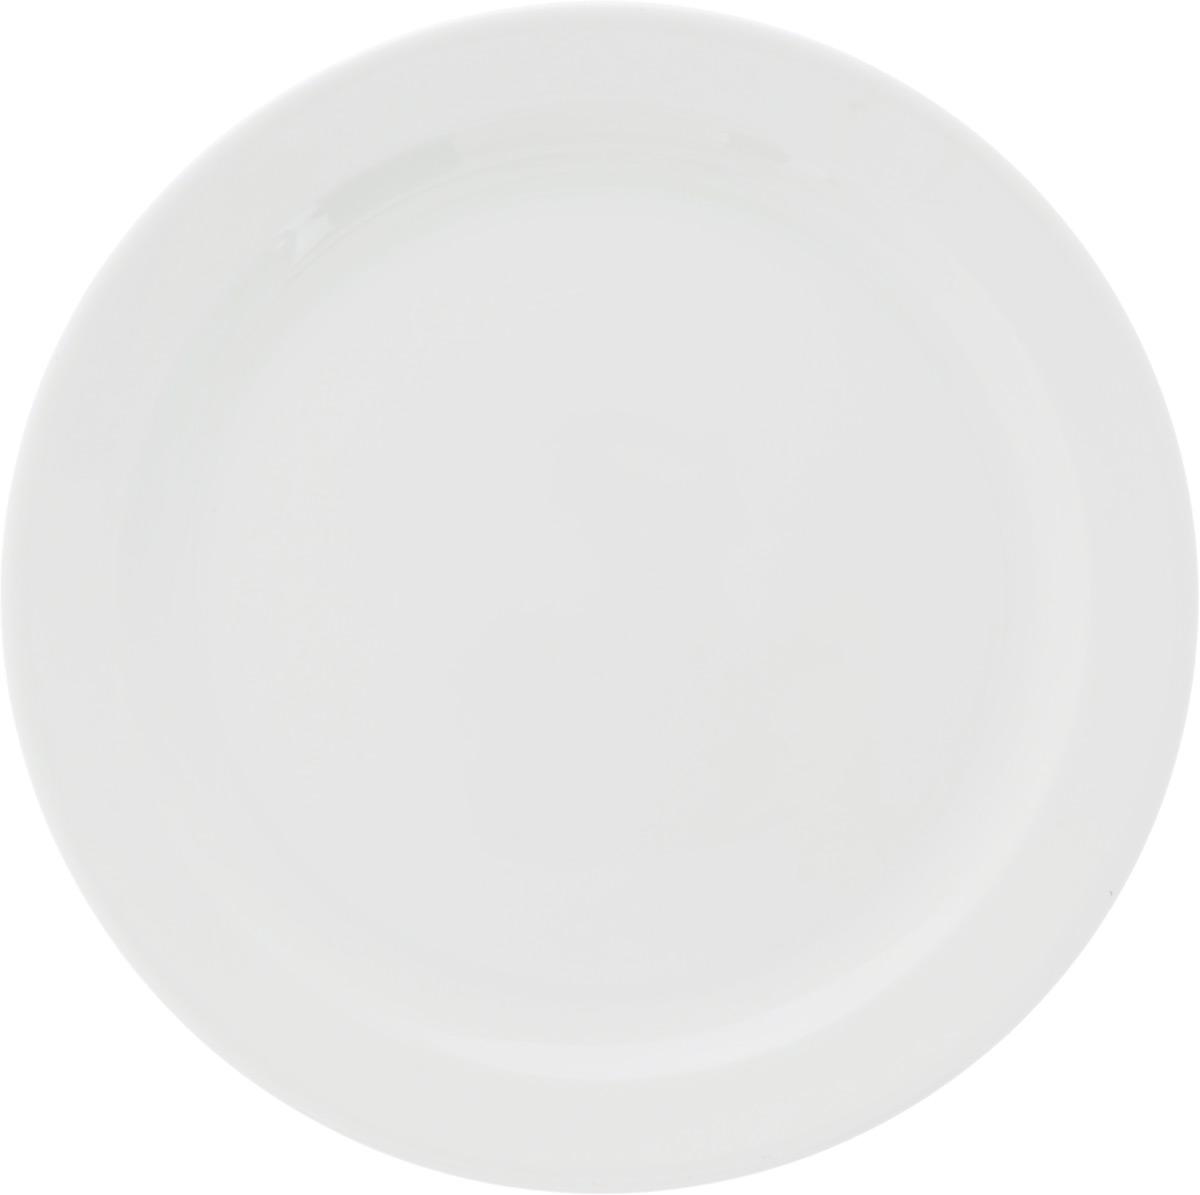 Тарелка мелкая Ariane Прайм, диаметр 24 смAPRARN17024Мелкая тарелка Ariane Прайм, изготовленная из высококачественного фарфора, имеет изысканный внешний вид. Такая тарелка прекрасно подходит как для торжественных случаев, так и для повседневного использования. Идеальна для подачи десертов, пирожных, тортов и многого другого. Она прекрасно оформит стол и станет отличным дополнением к вашей коллекции кухонной посуды. Можно использовать в посудомоечной машине и СВЧ. Диаметр тарелки: 24 см. Высота тарелки: 2 см.